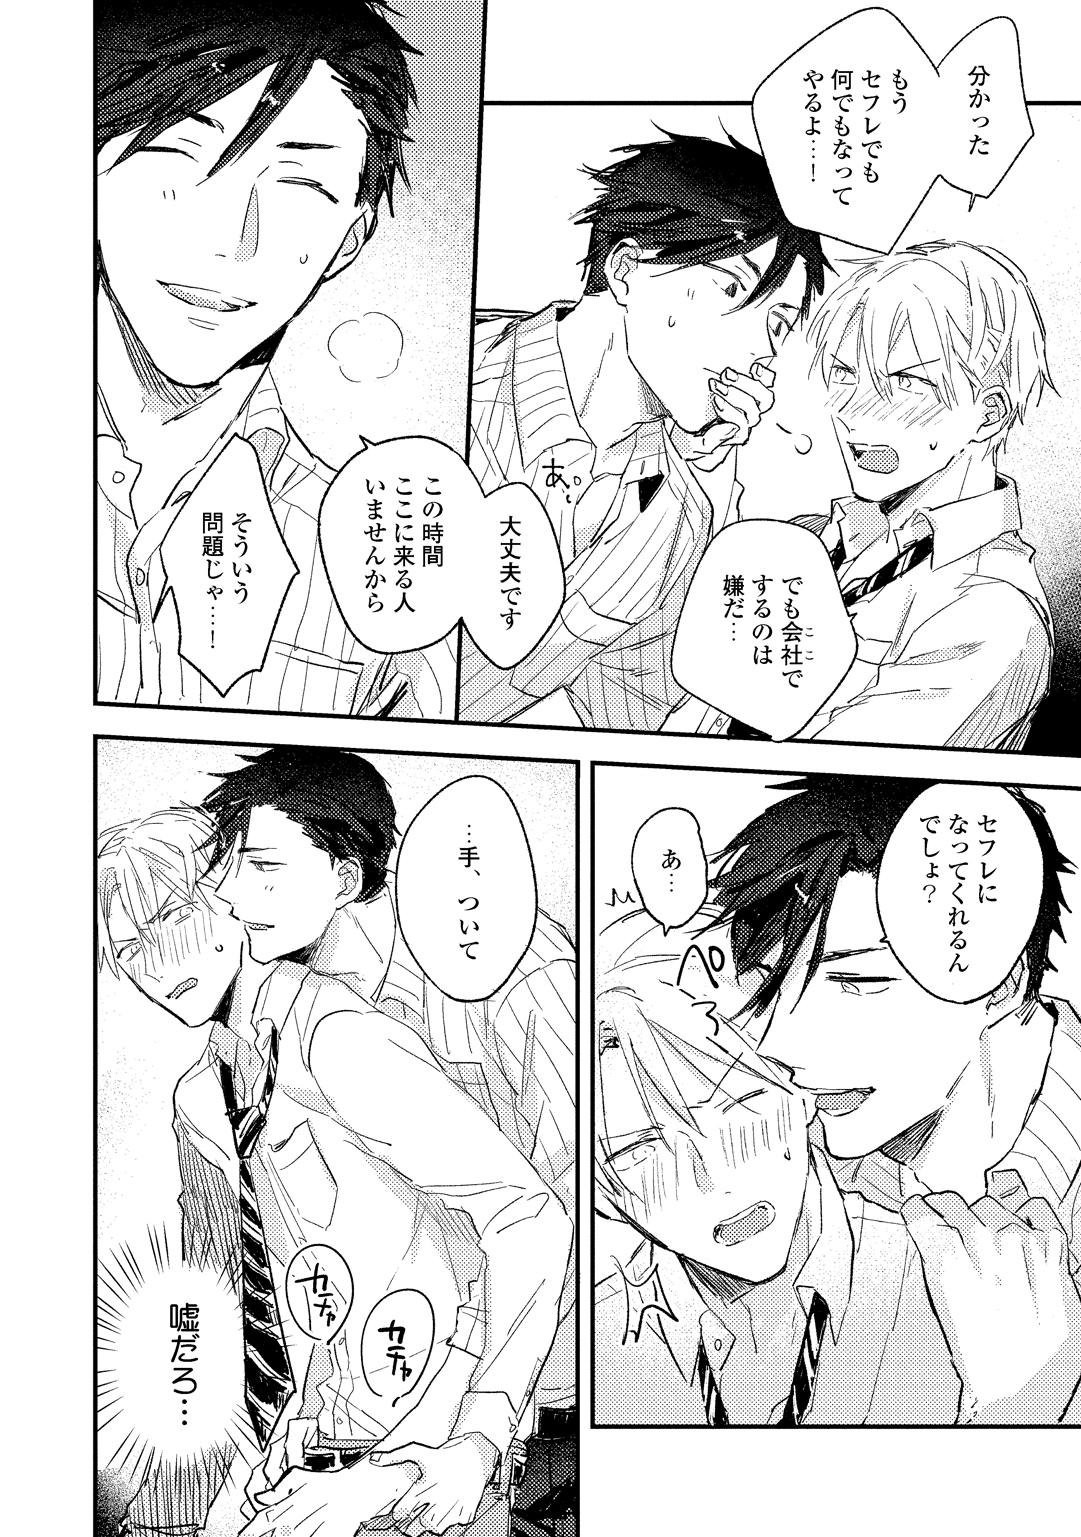 kamiato_mihon